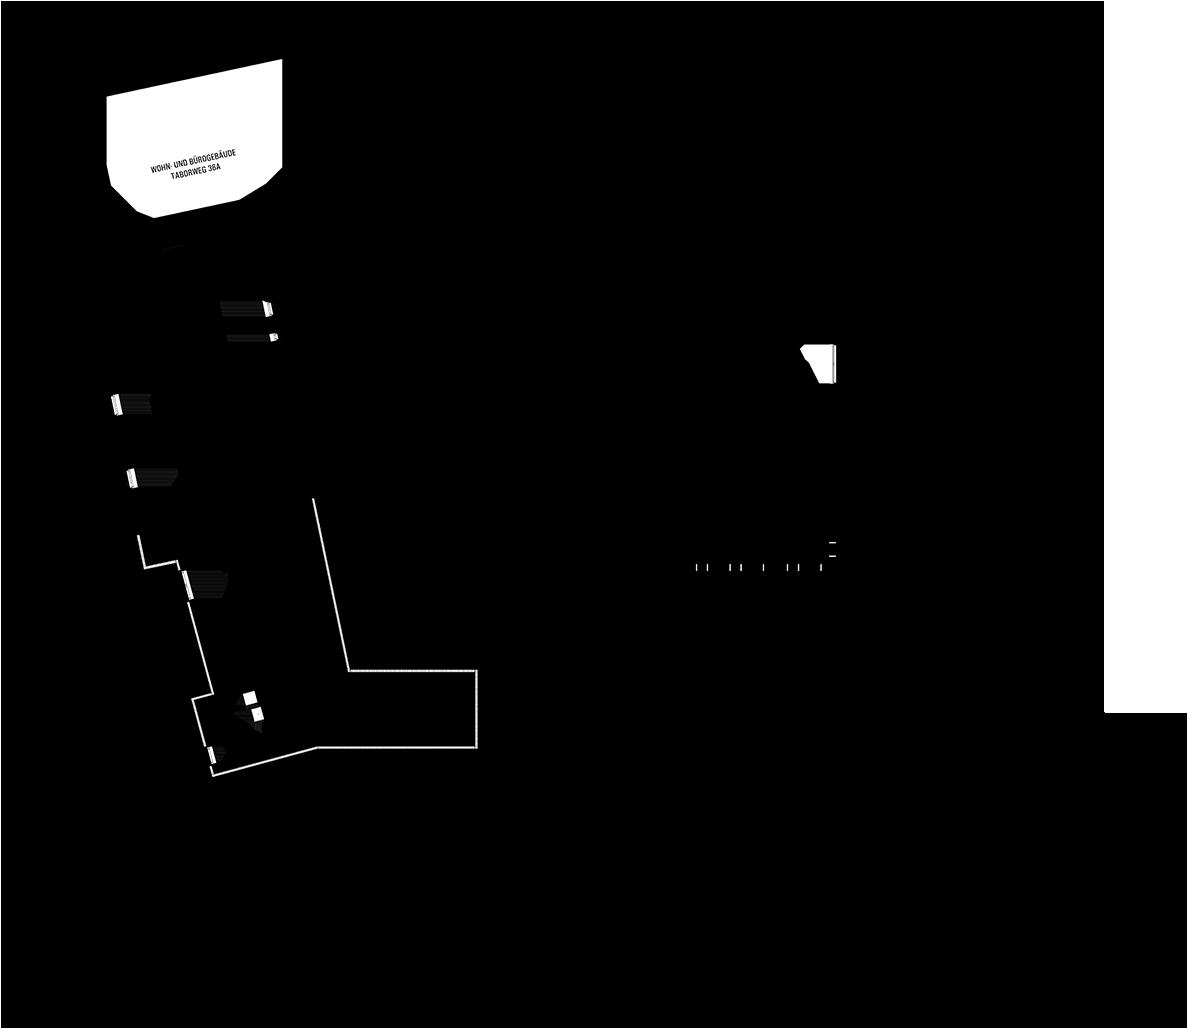 UG-ohne-Mapstab